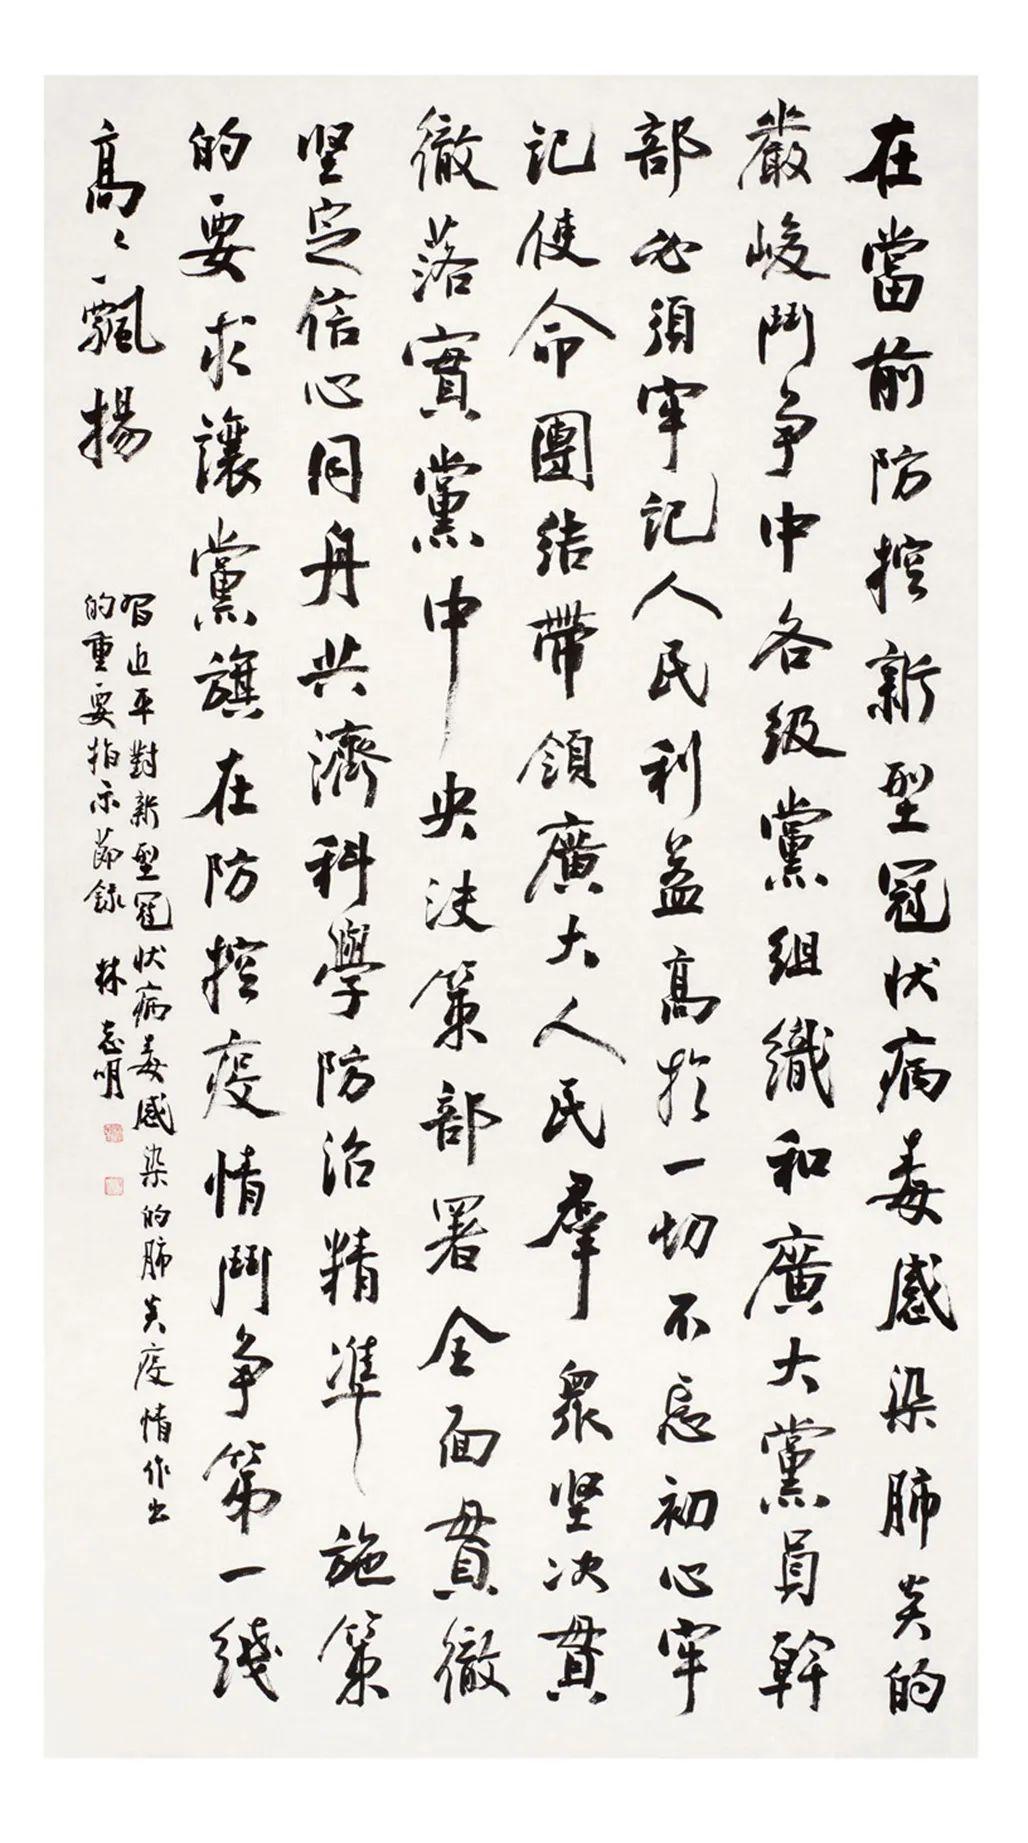 中国力量——全国扶贫书法大展作品 | 第一篇章 :人民至上(图48)